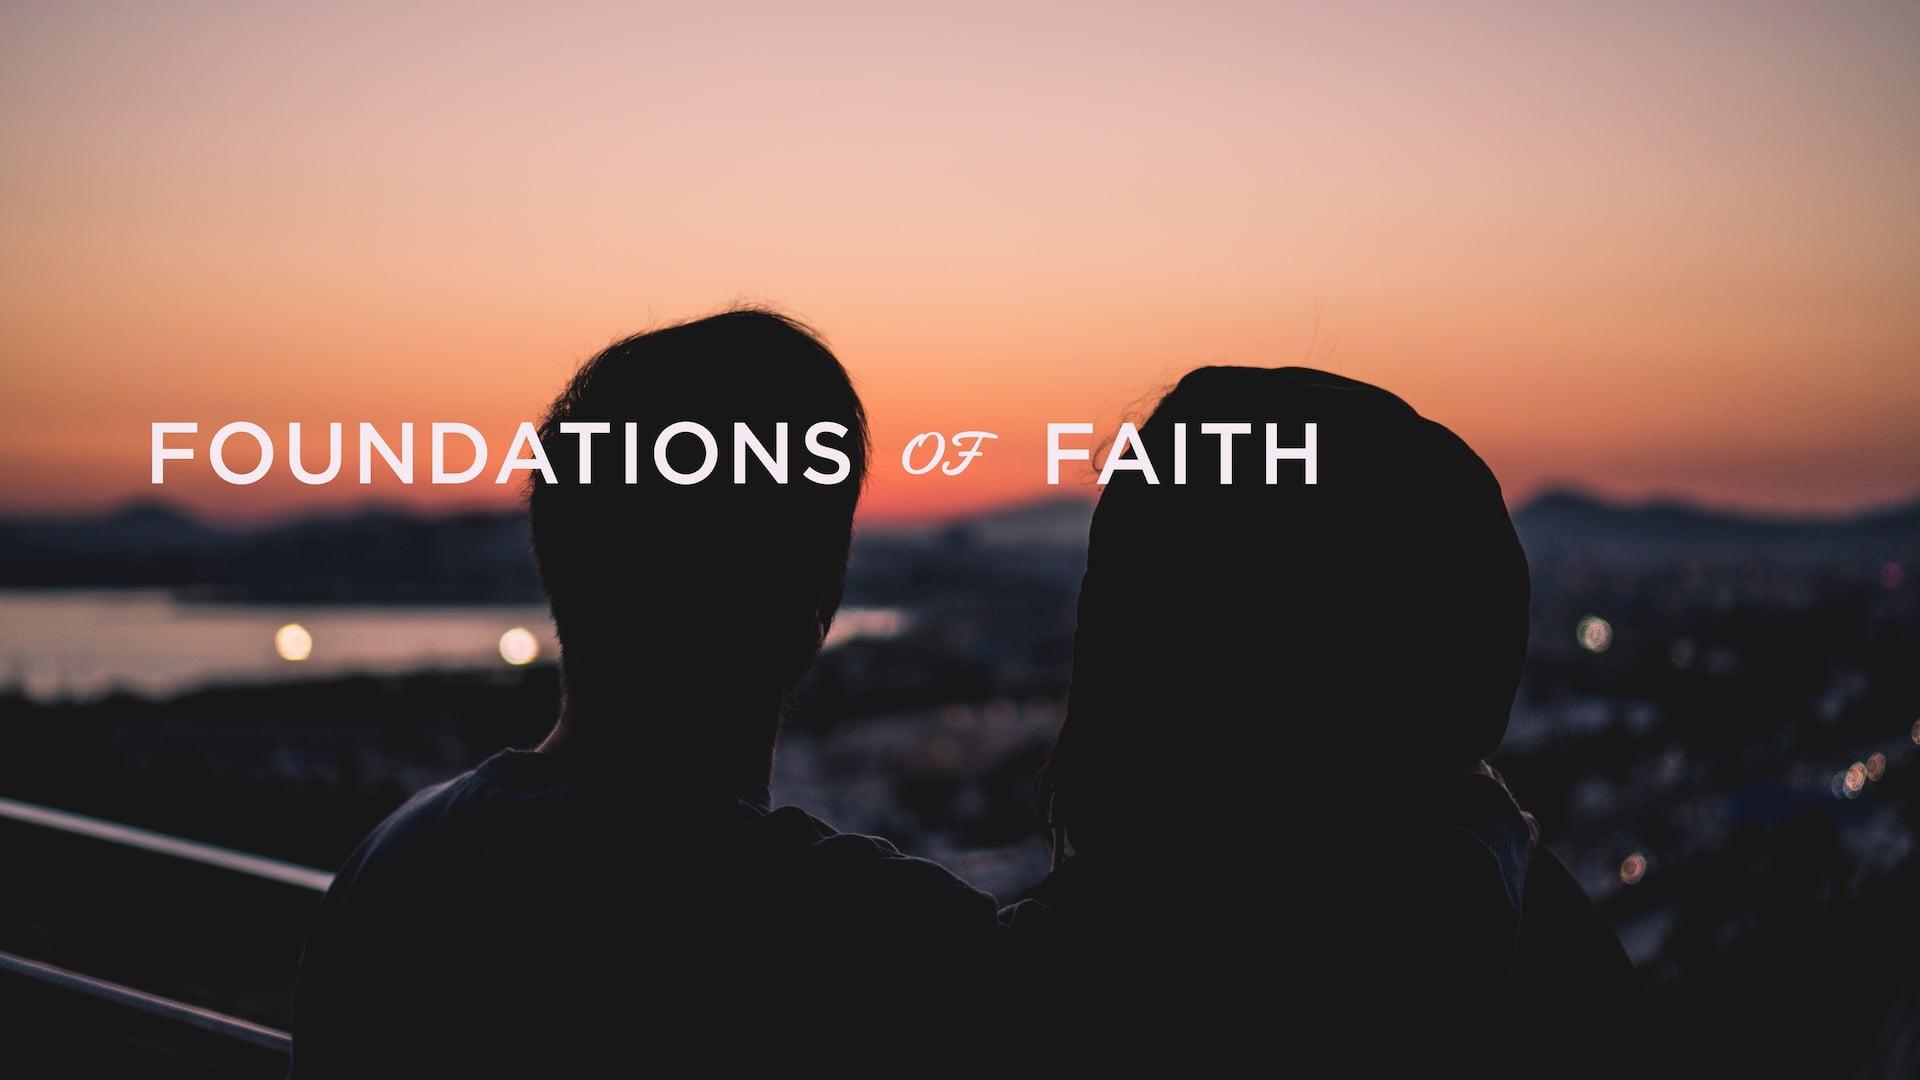 Foundations of Faith - Part 1